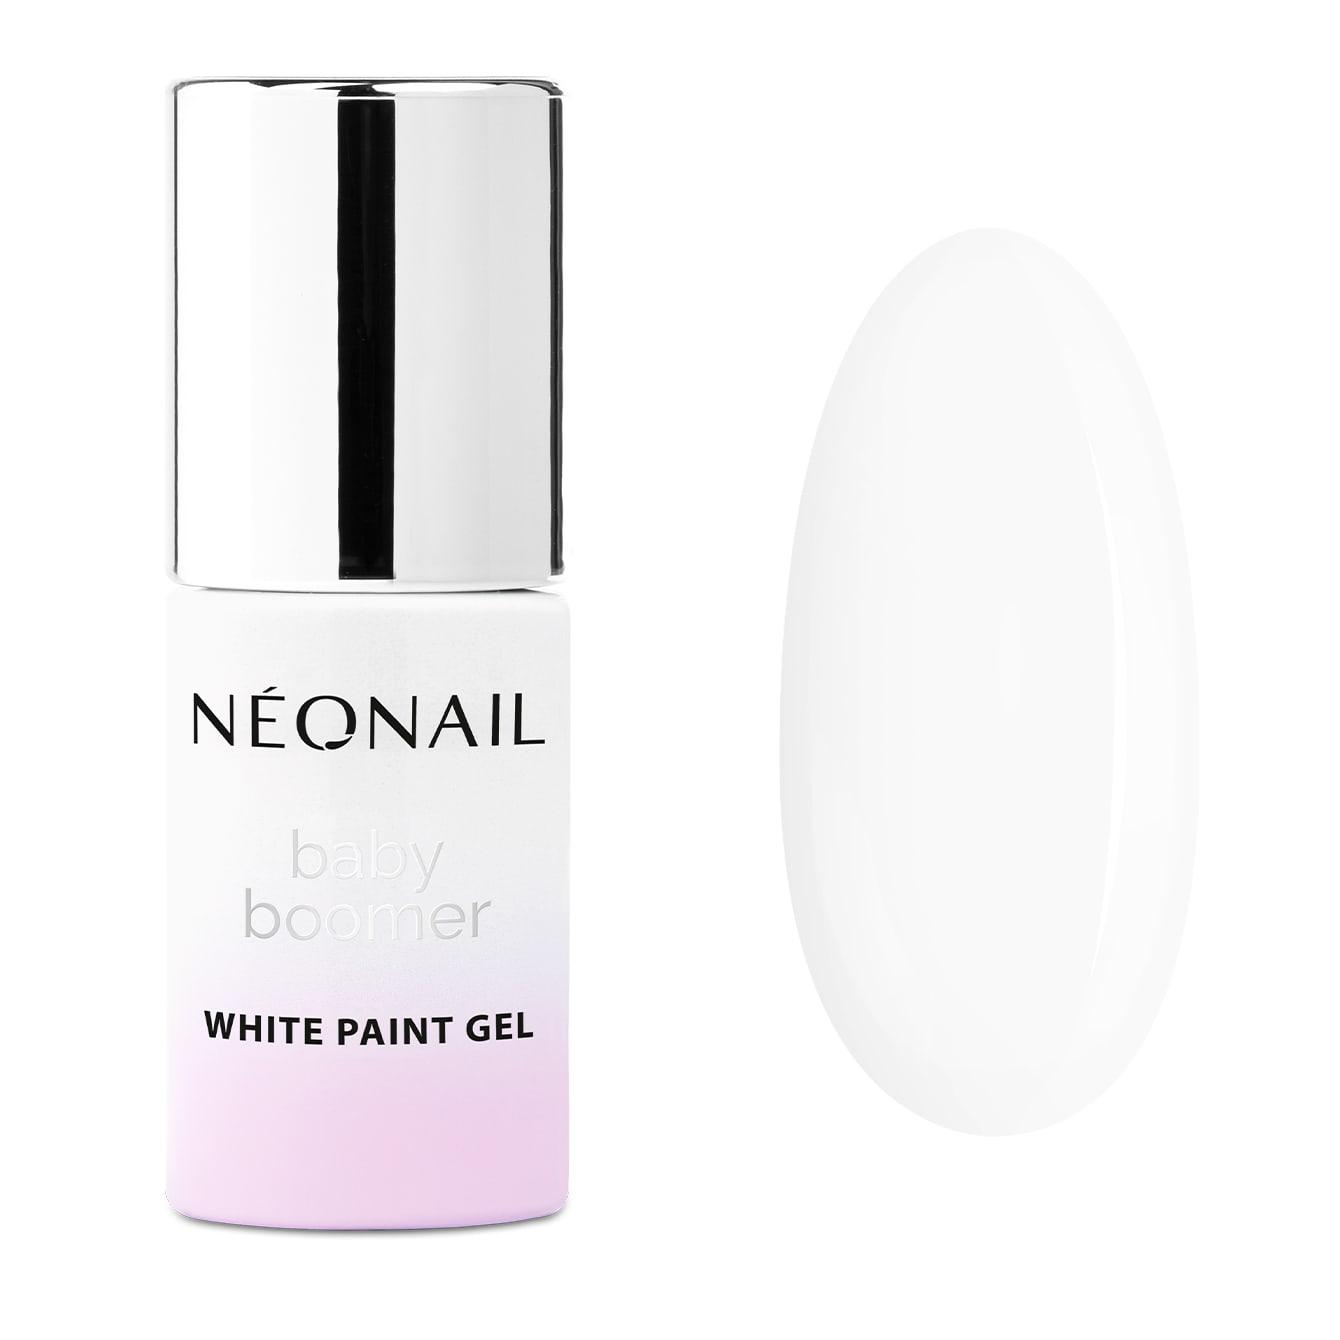 NeoNail Paint UV/LED Gel 6,5 ml - Baby Boomer White Paint Gel